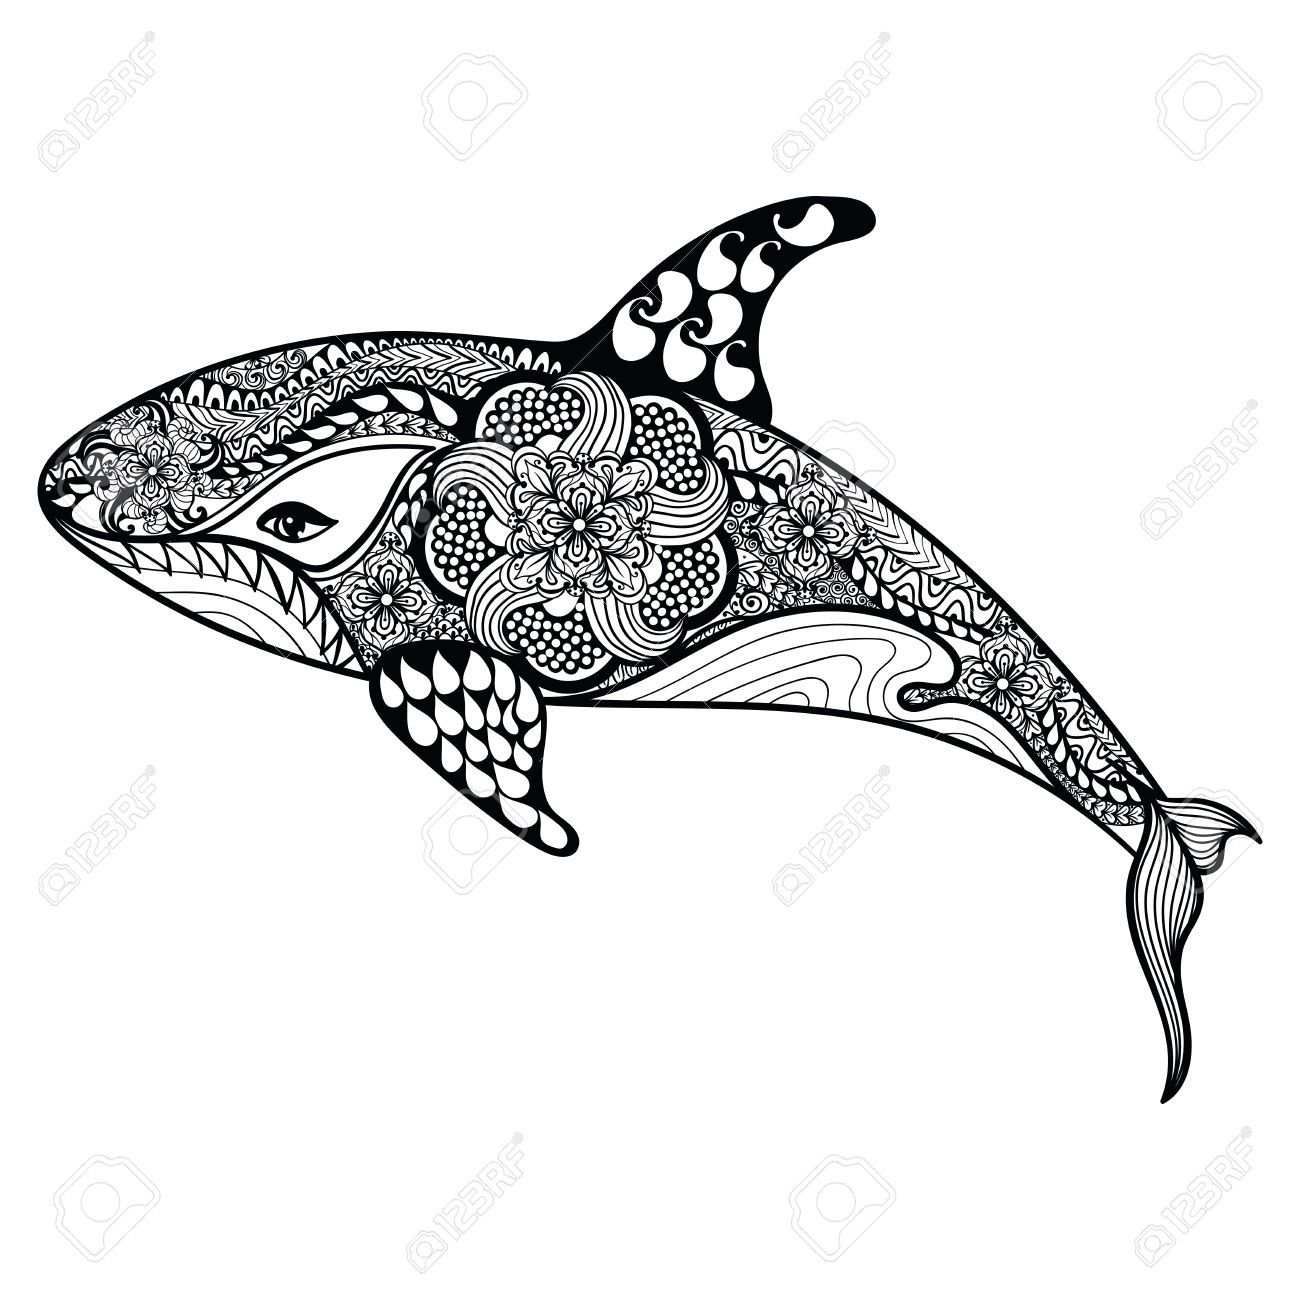 Stock Vector Delfin Dibujo Dibujos Y Pinturas